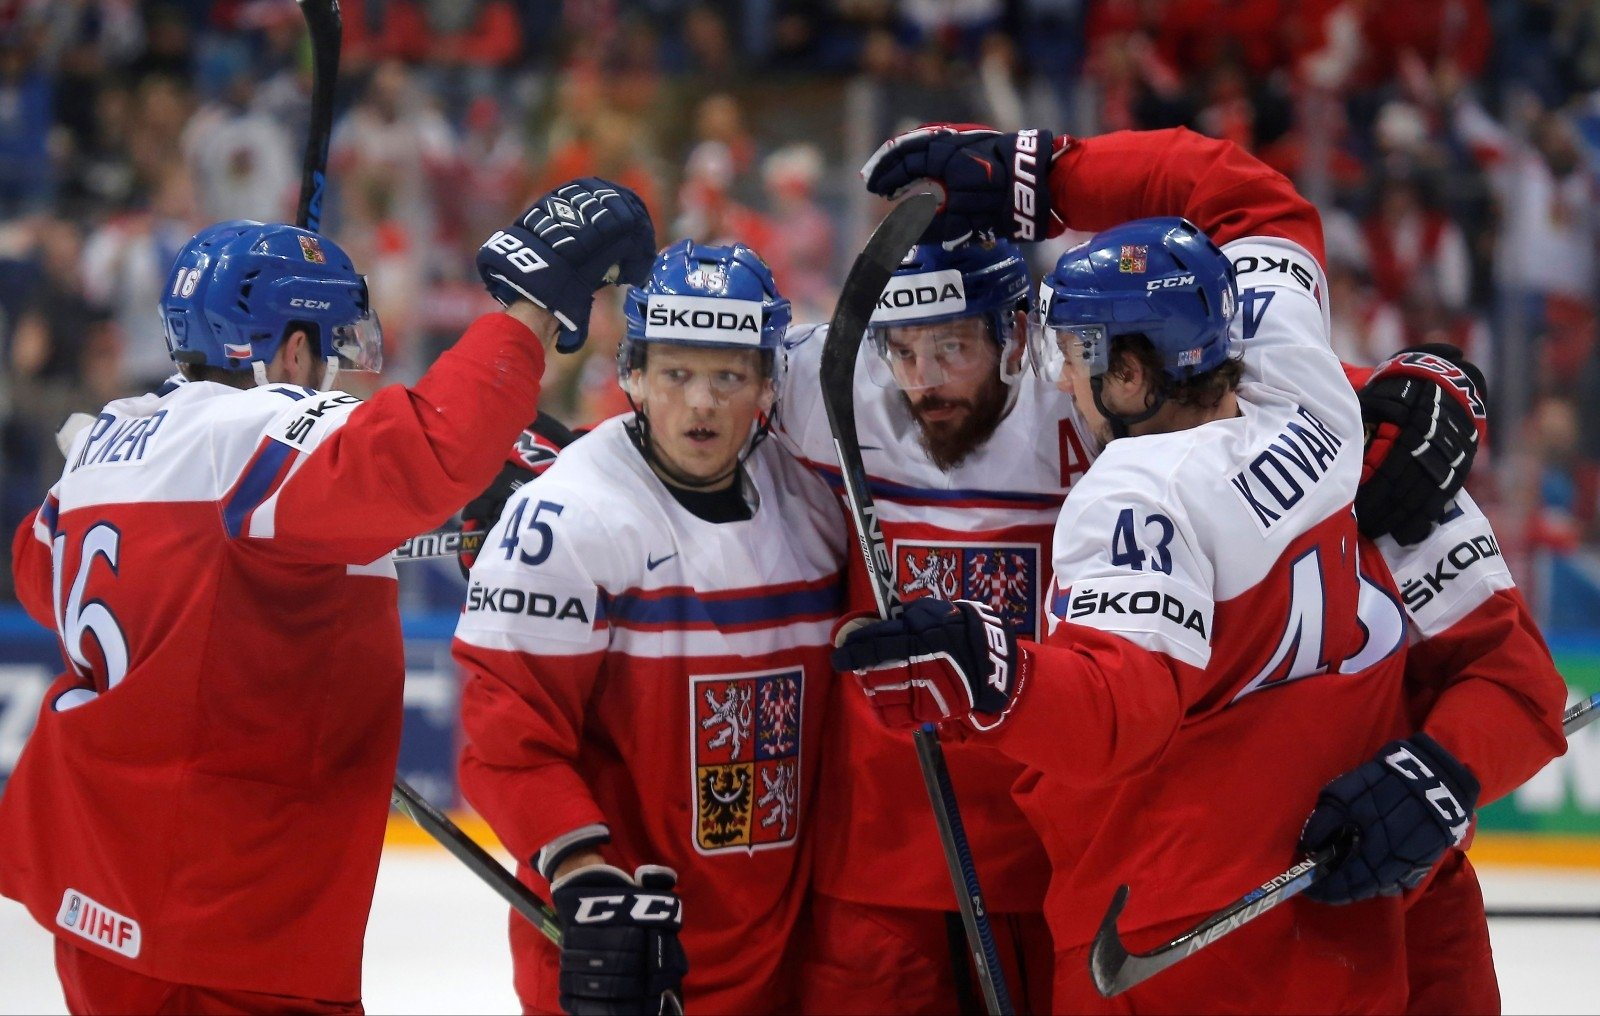 своих фото игроков сборной чехии по хоккею квадратный метр